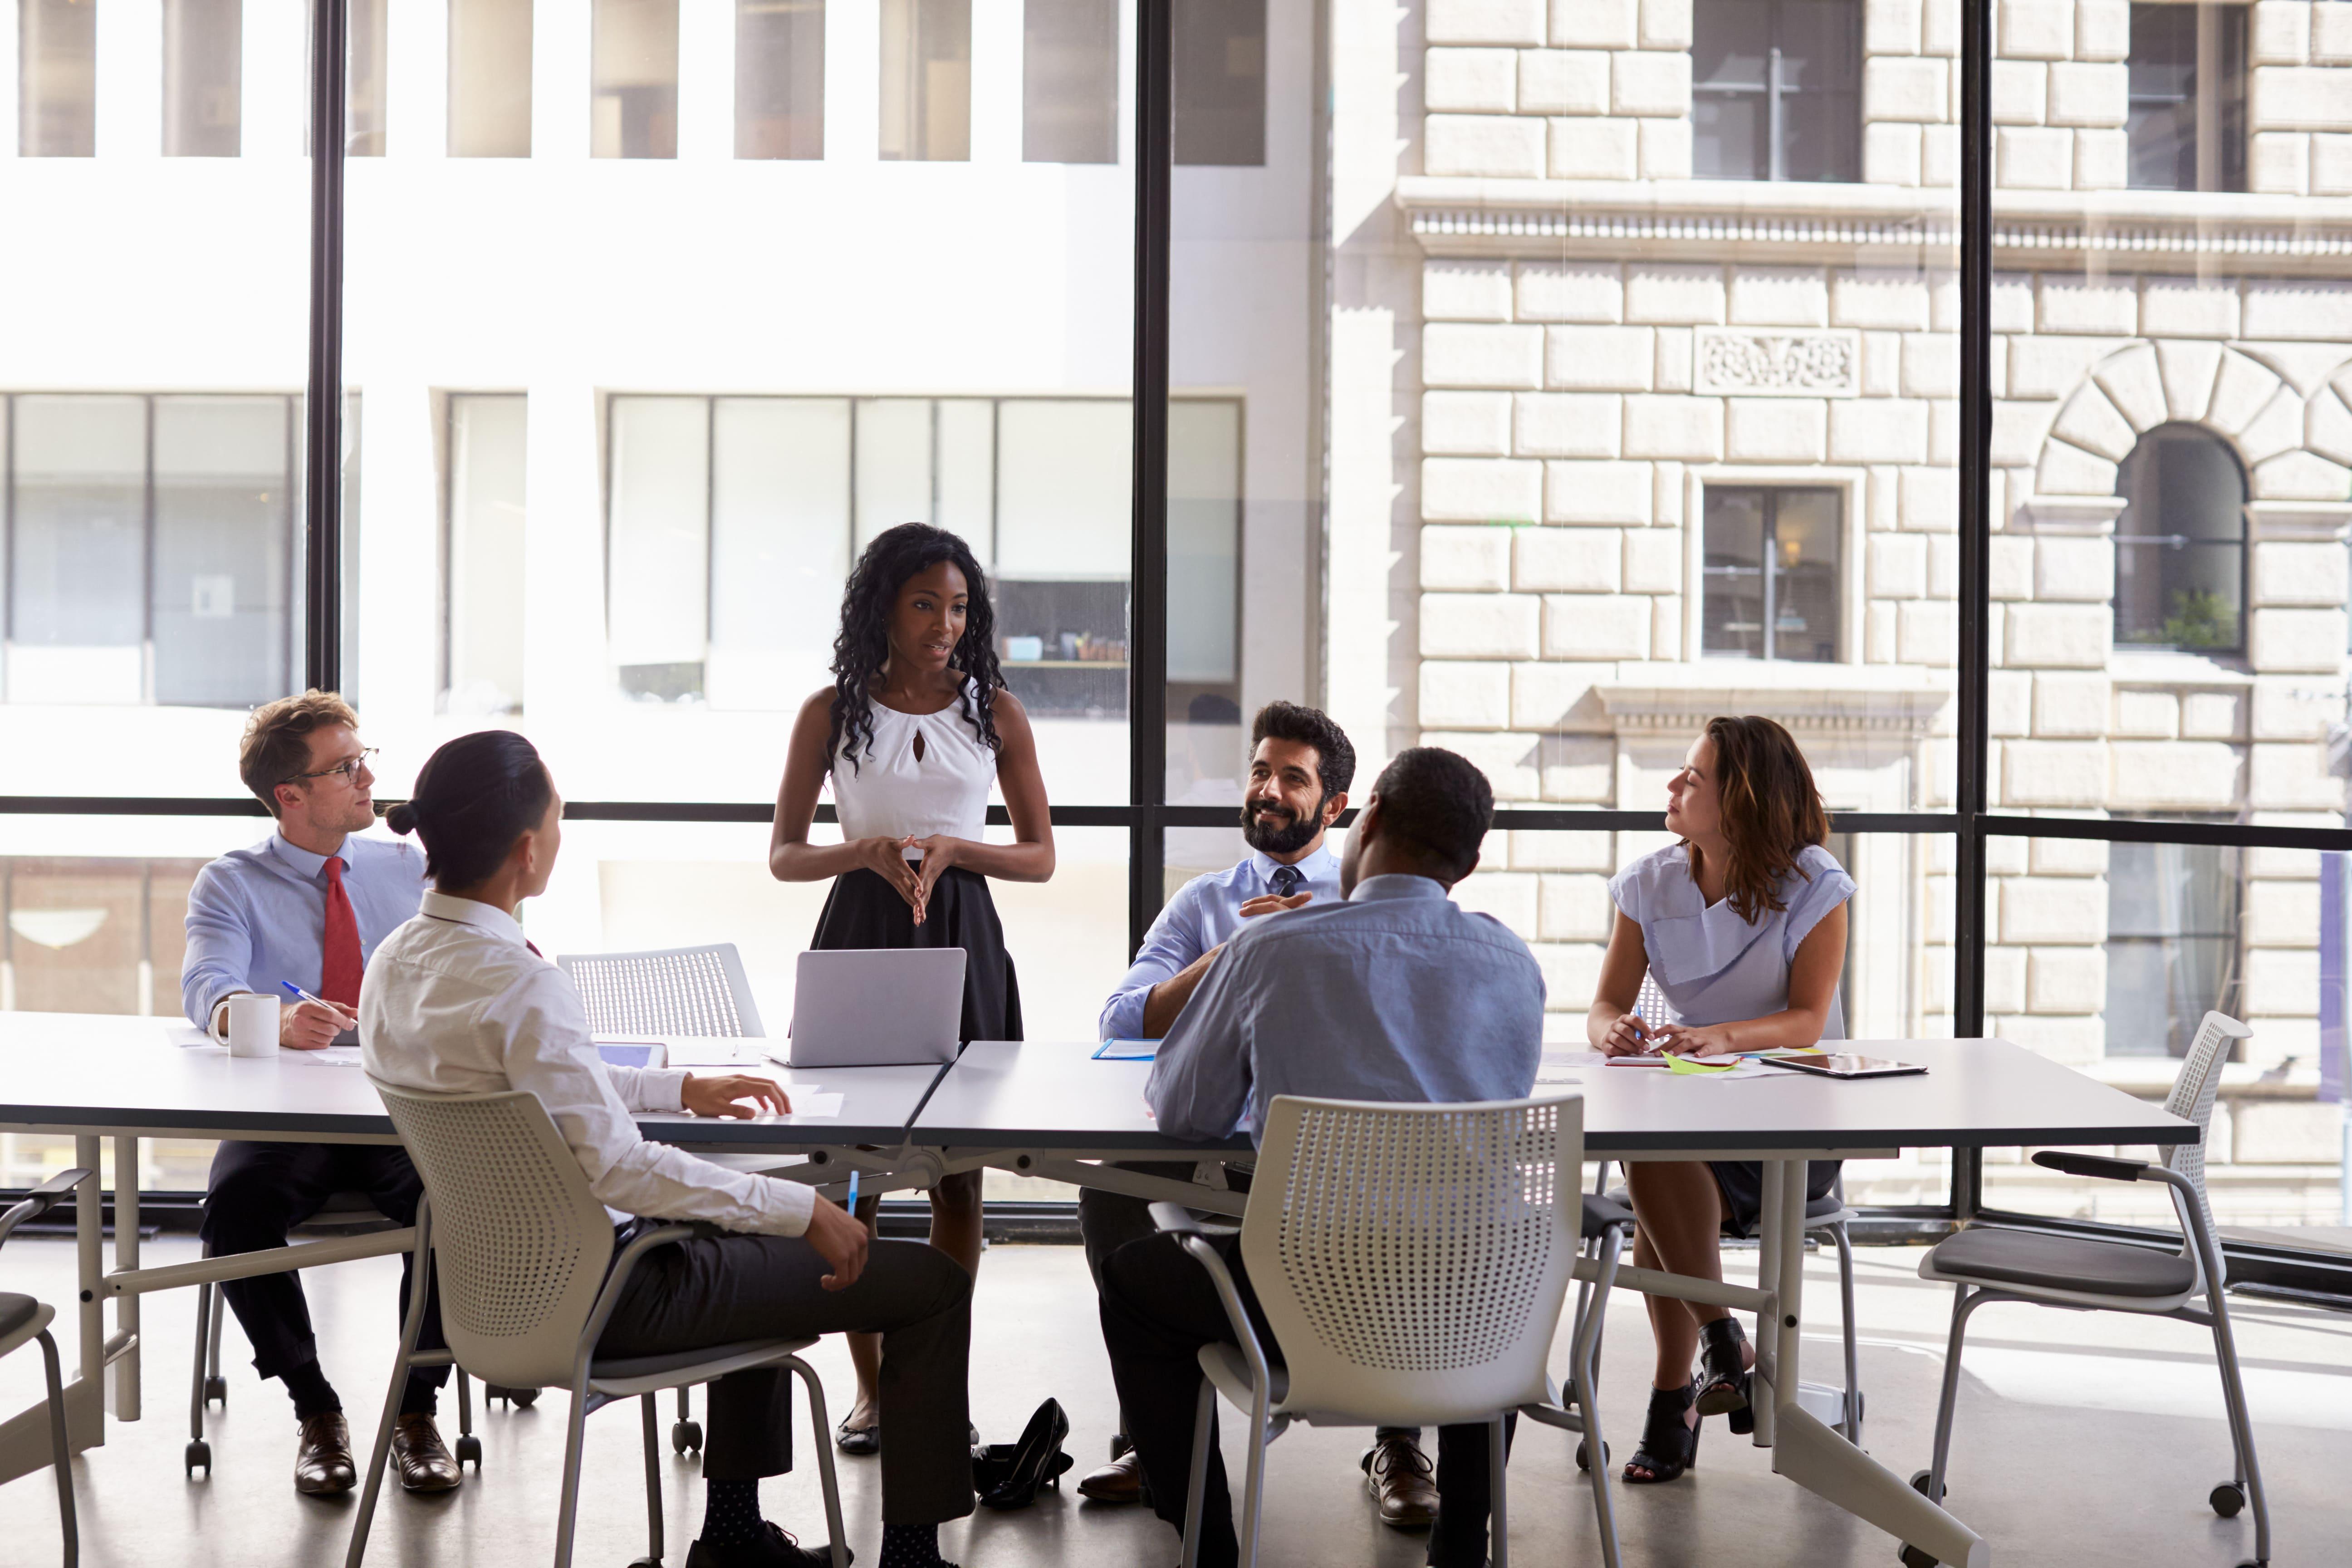 Imagem de uma mulher liderando a reunião para remeter ao texto que mostra como ter reuniões mais produtivas